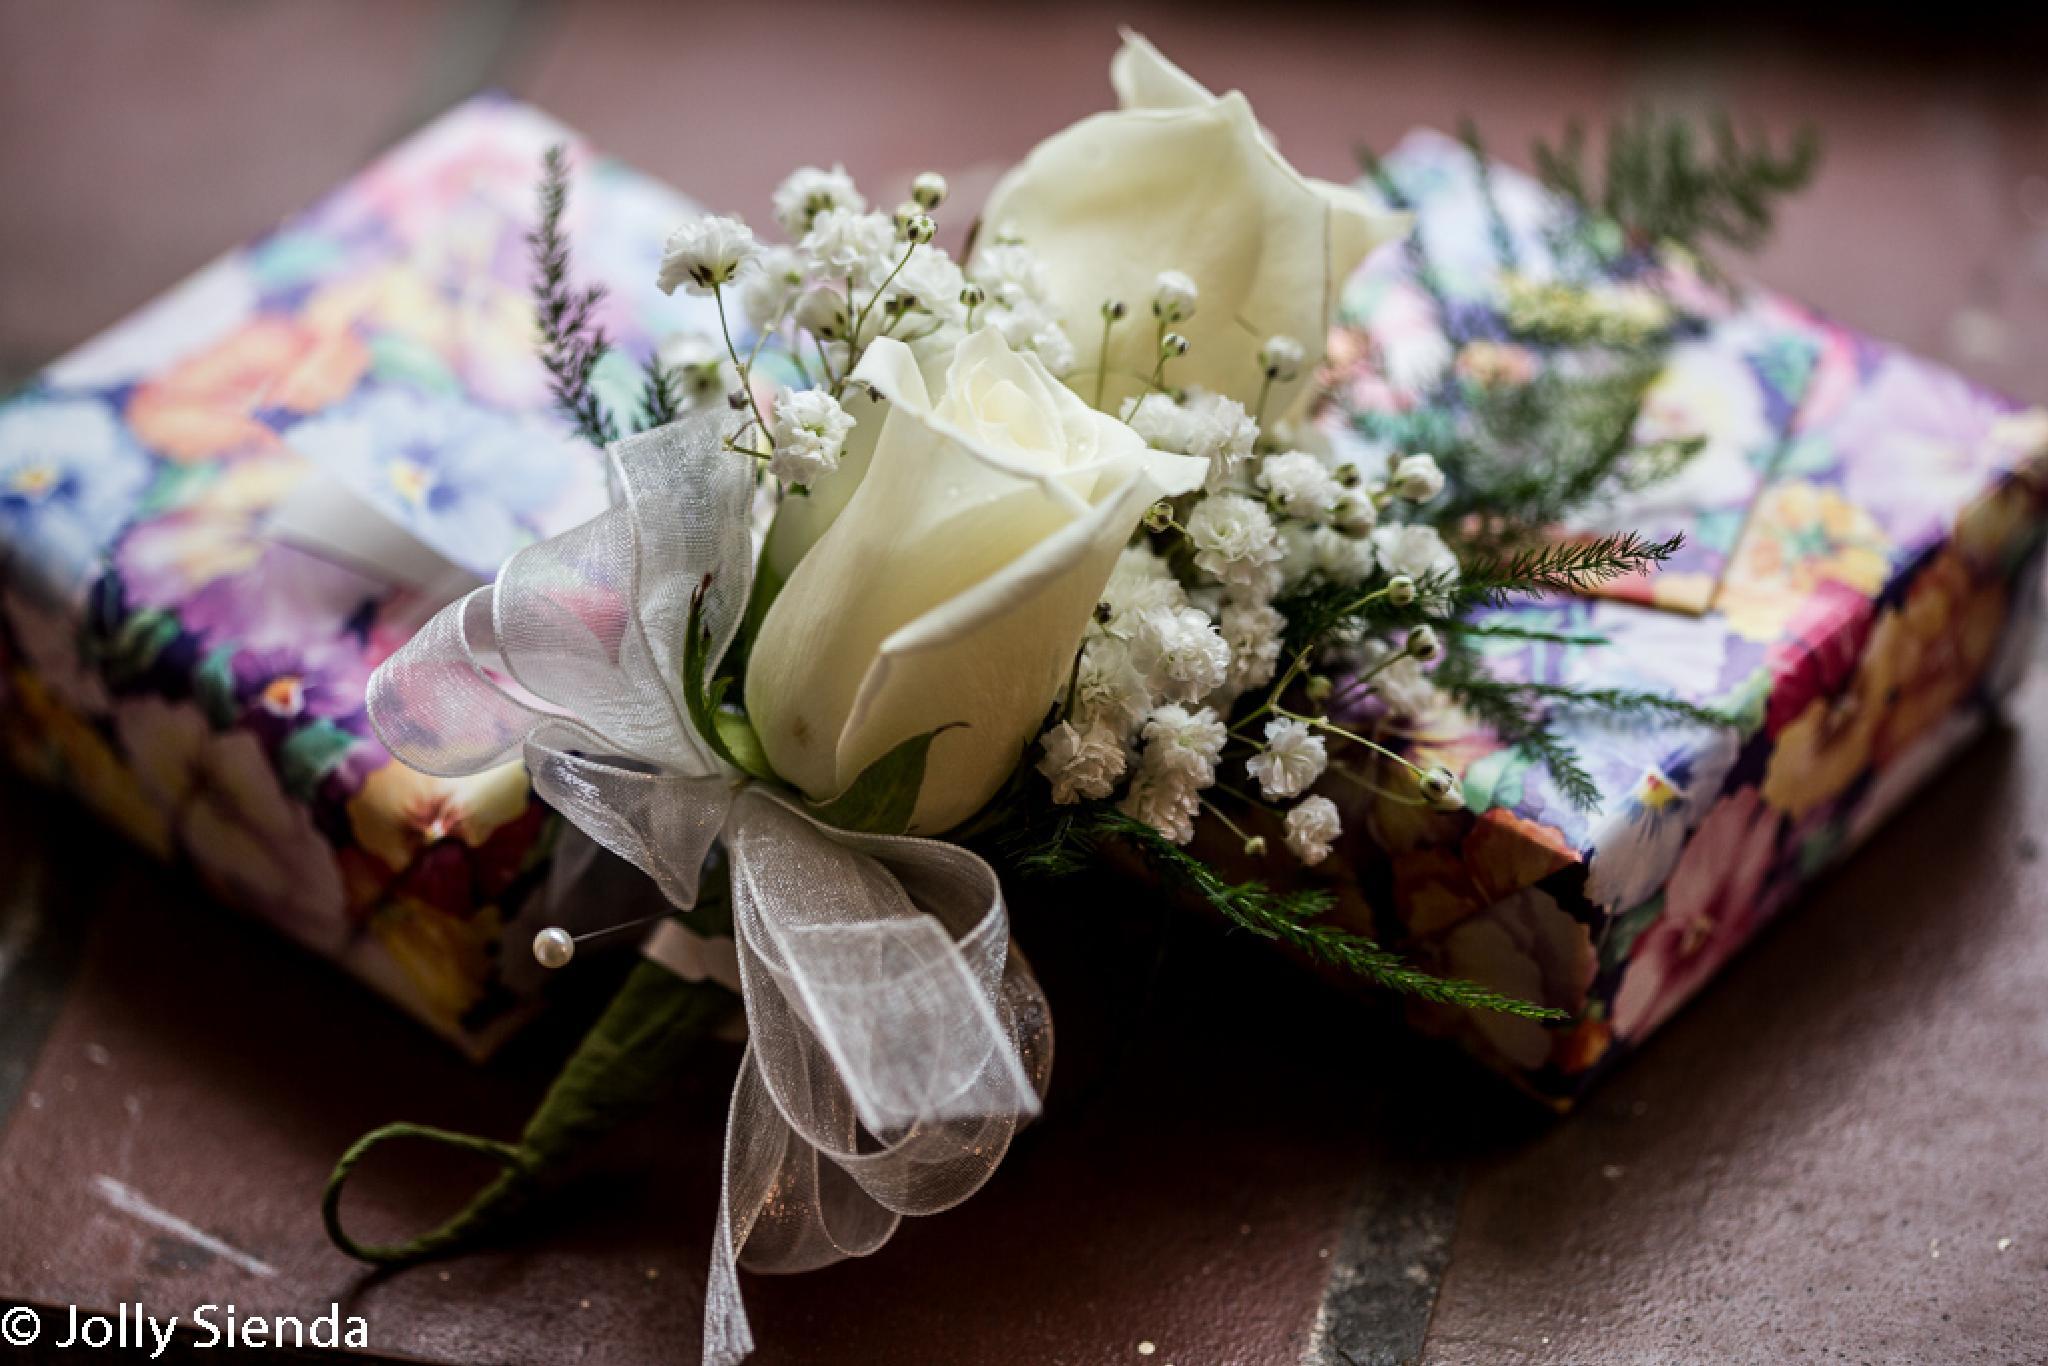 A Wedding Corsage and Wedding Presents by Jolly Sienda